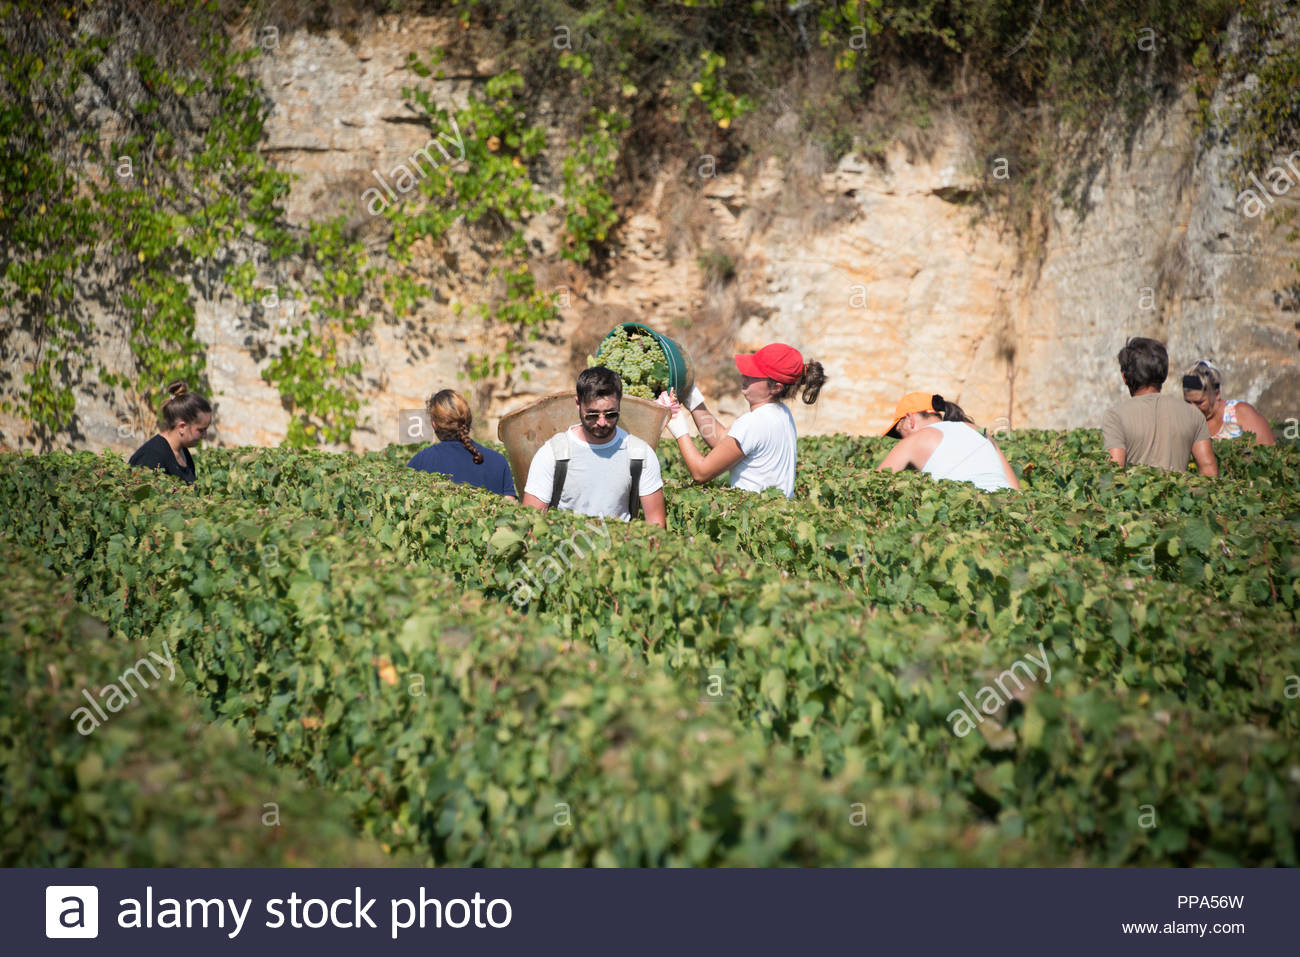 Vendanges en Bourgogne, les cueilleurs picking grapes dans un vignoble clos Photo Stock